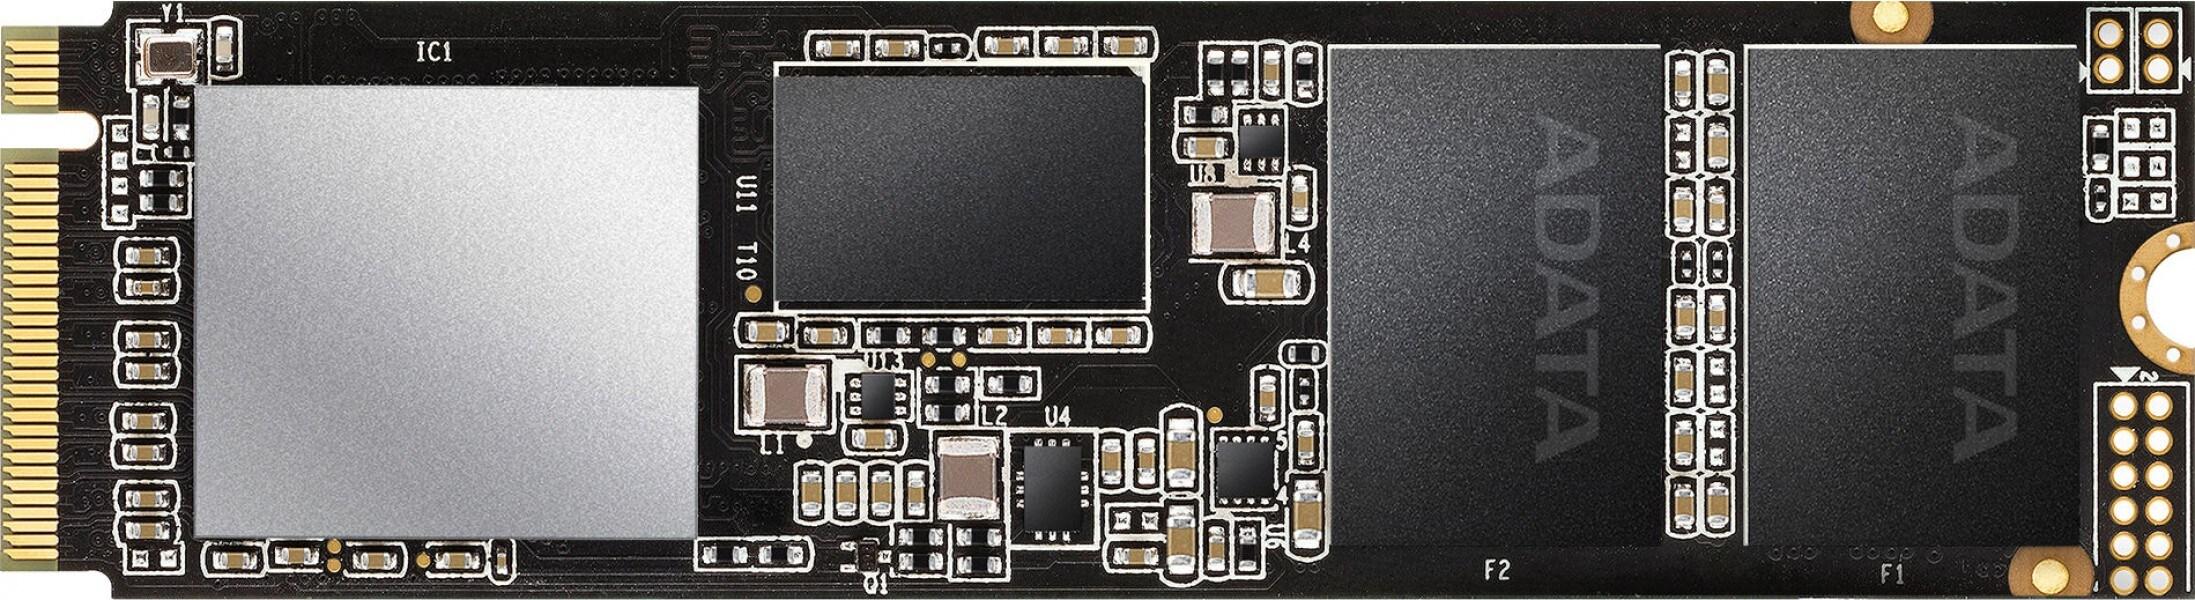 ADATA SSD Drive XPG SX8200 PRO 1 TB - M.2 2280 PCI-E x4 Gen3 NVMe - 5